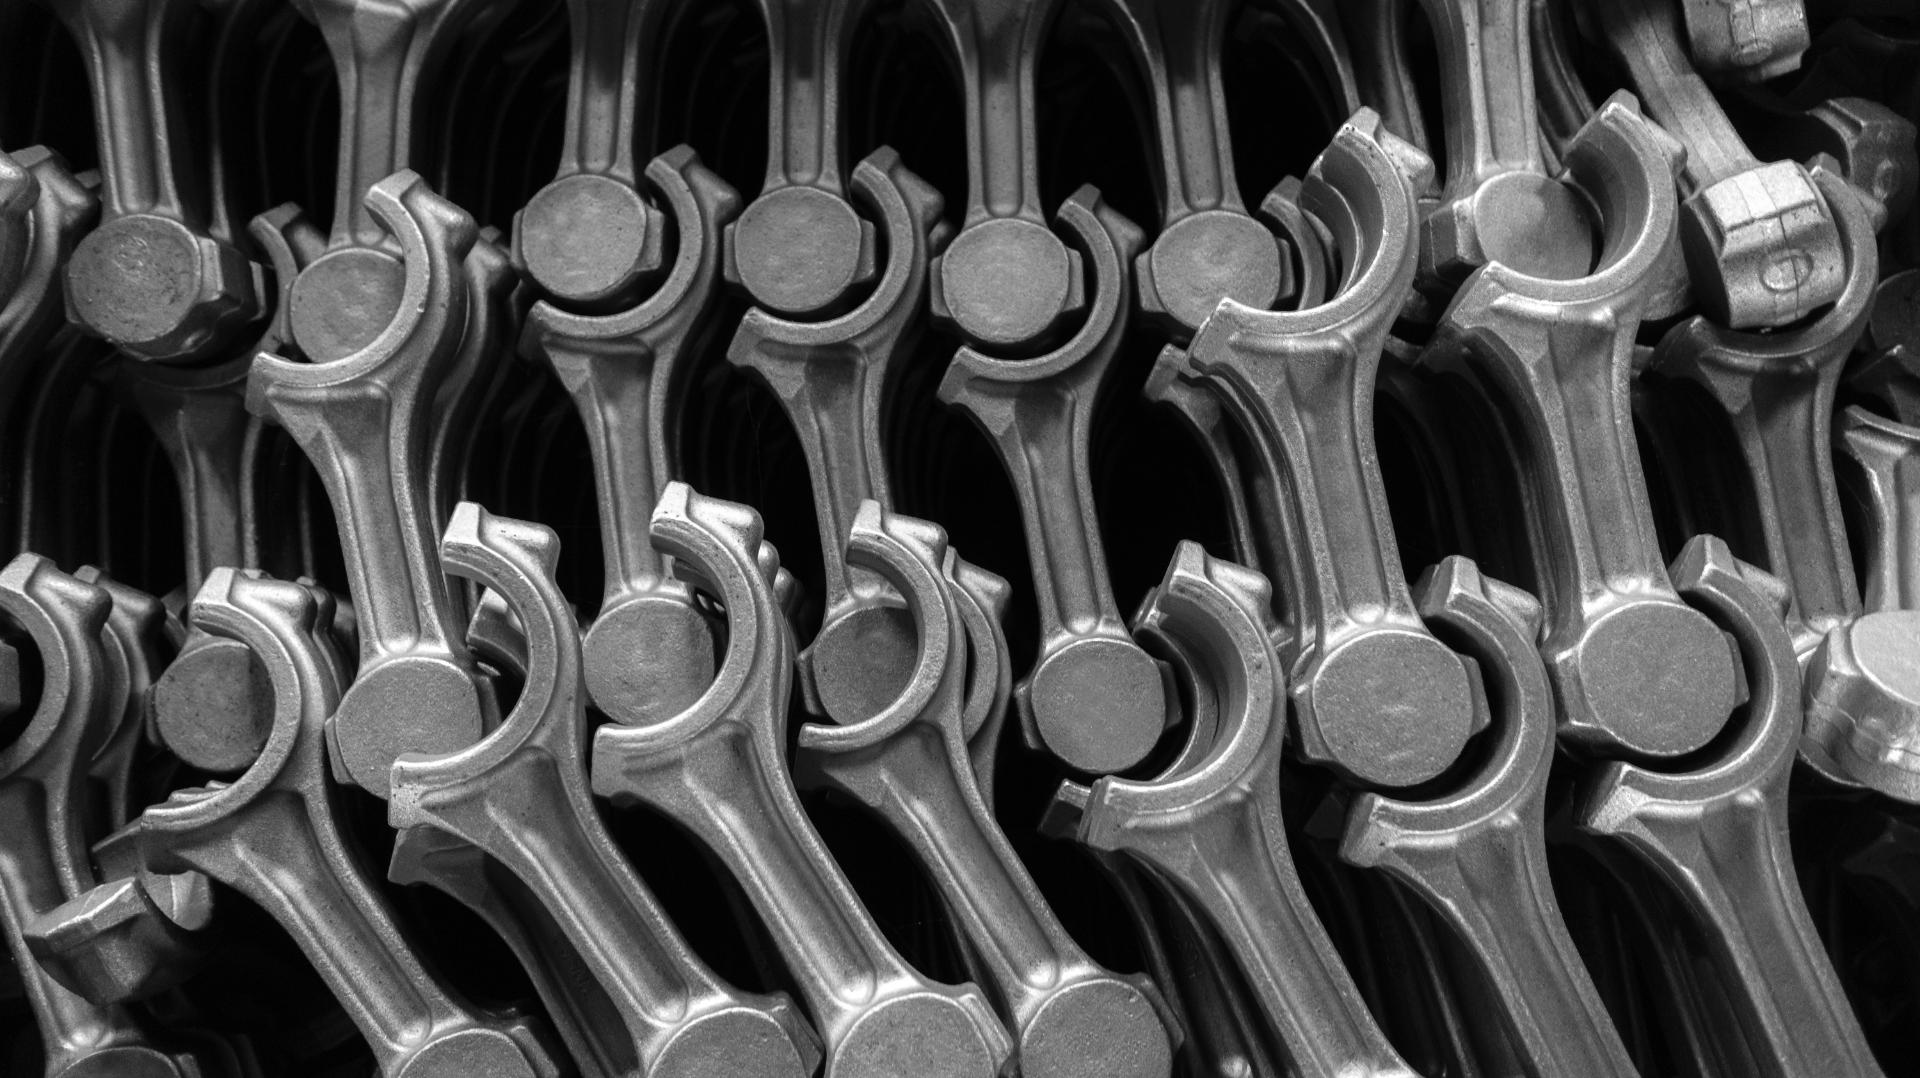 Części do maszyn budowlanych. Dlaczego są tak istotne?